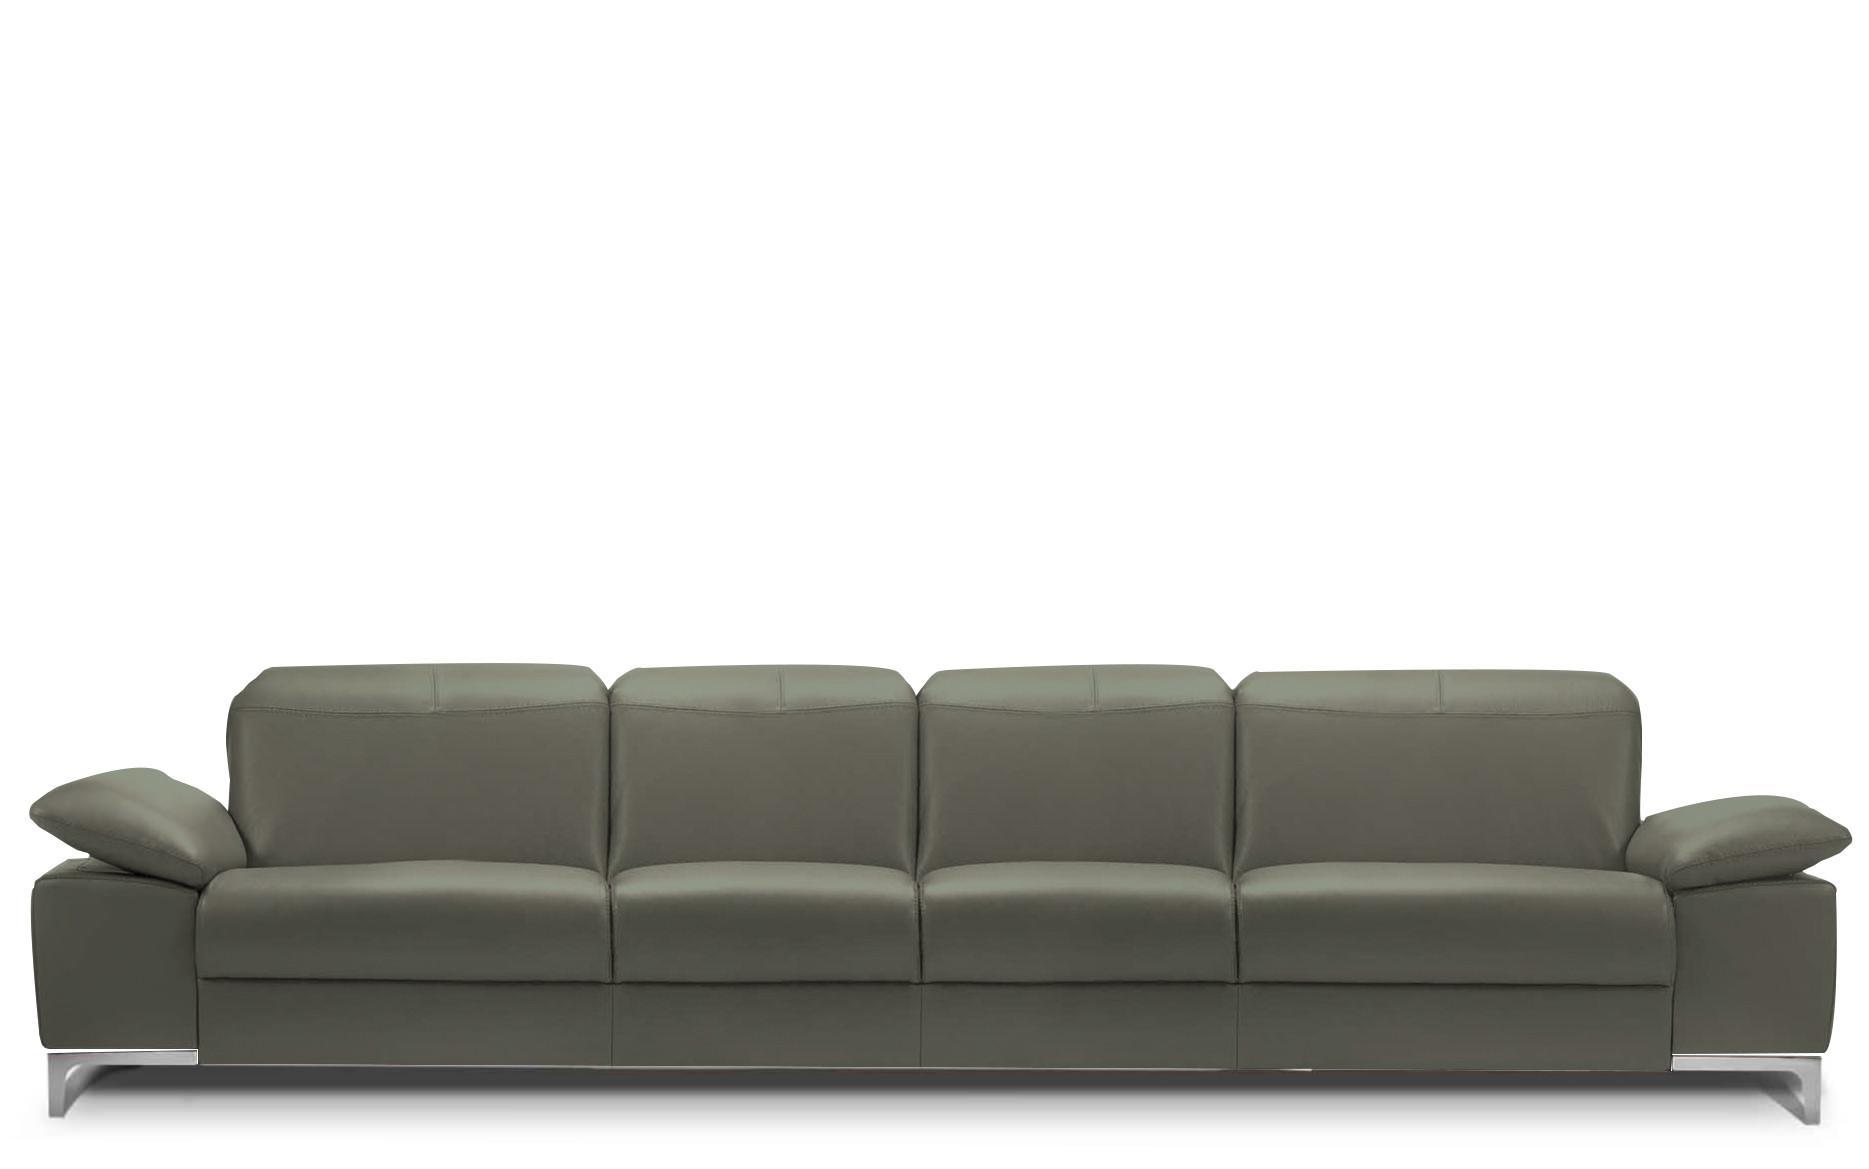 Rom Chronos 4 Seater Leather Sofa | Buy At Kontenta Throughout Four Seat Sofas (View 11 of 20)